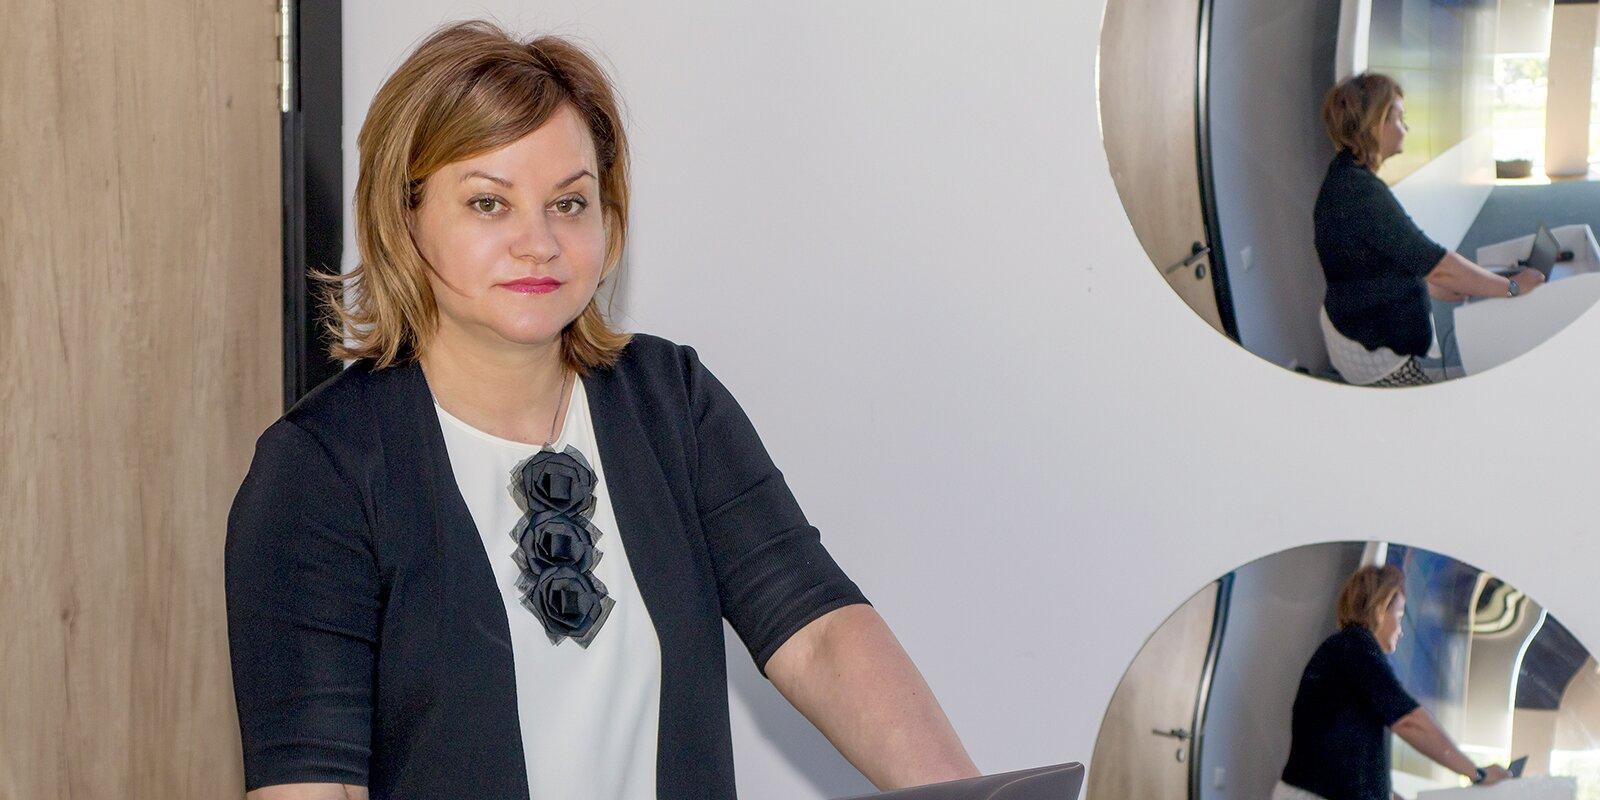 Елена Бобрикова, заведующая консультативно-диагностическим отделением Московского городского научно-практического центра аллергологии и иммунологии при ГКБ №52